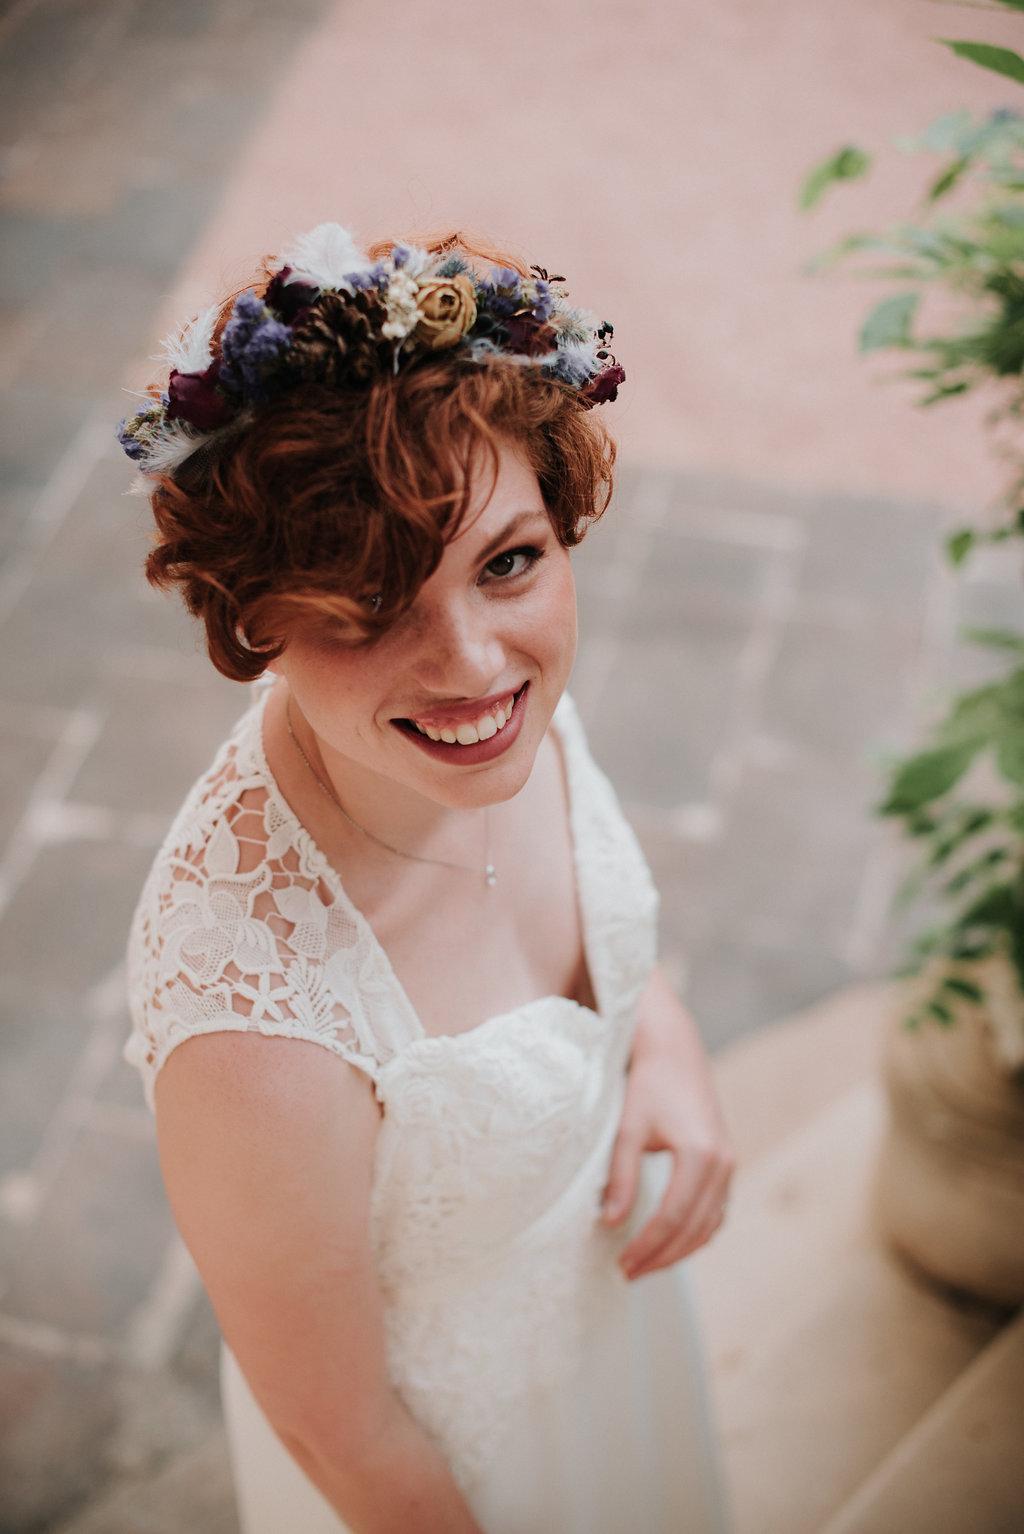 Léa-Fery-photographe-professionnel-lyon-rhone-alpes-portrait-creation-mariage-evenement-evenementiel-famille-7609.jpg